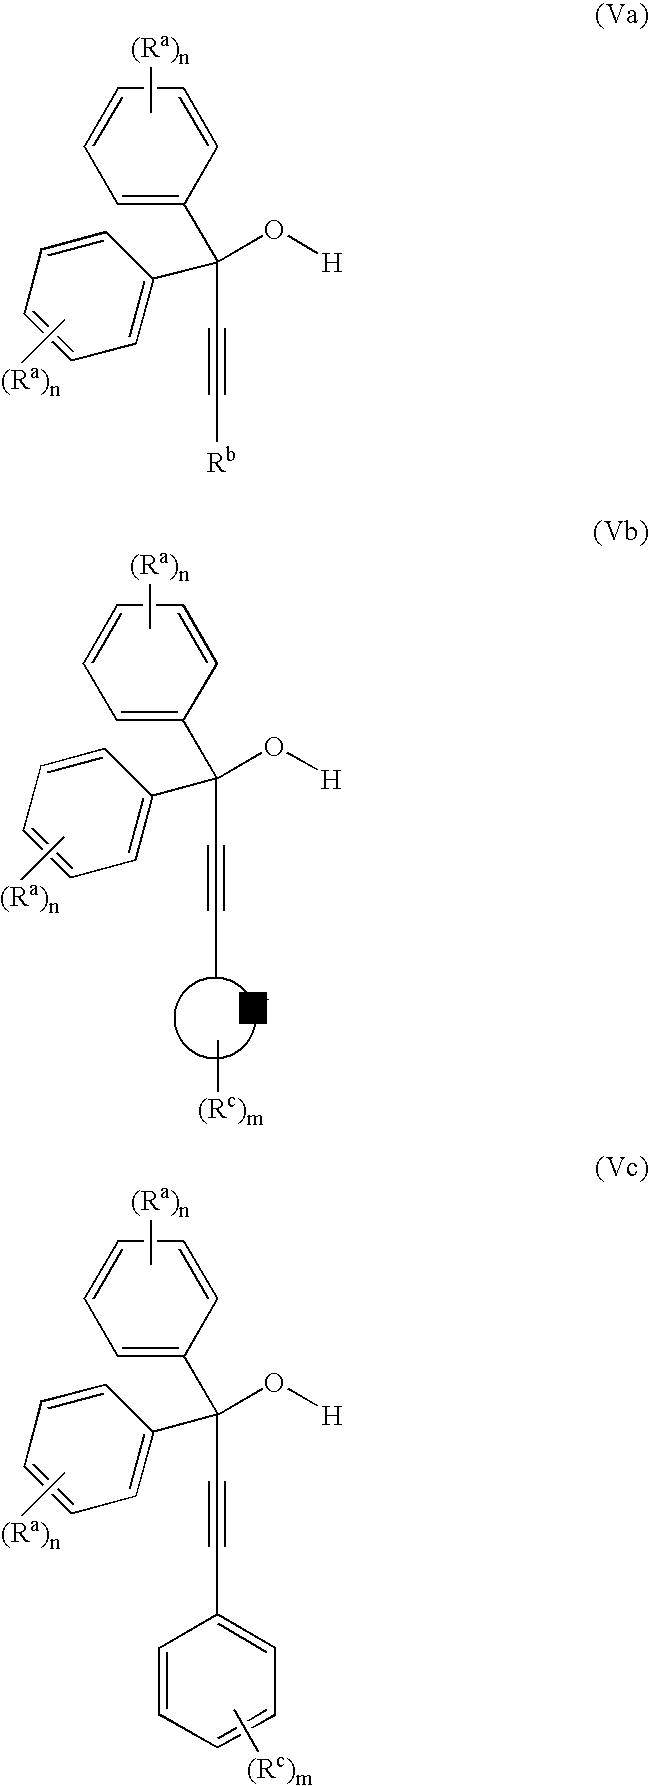 Figure US20060025617A1-20060202-C00007